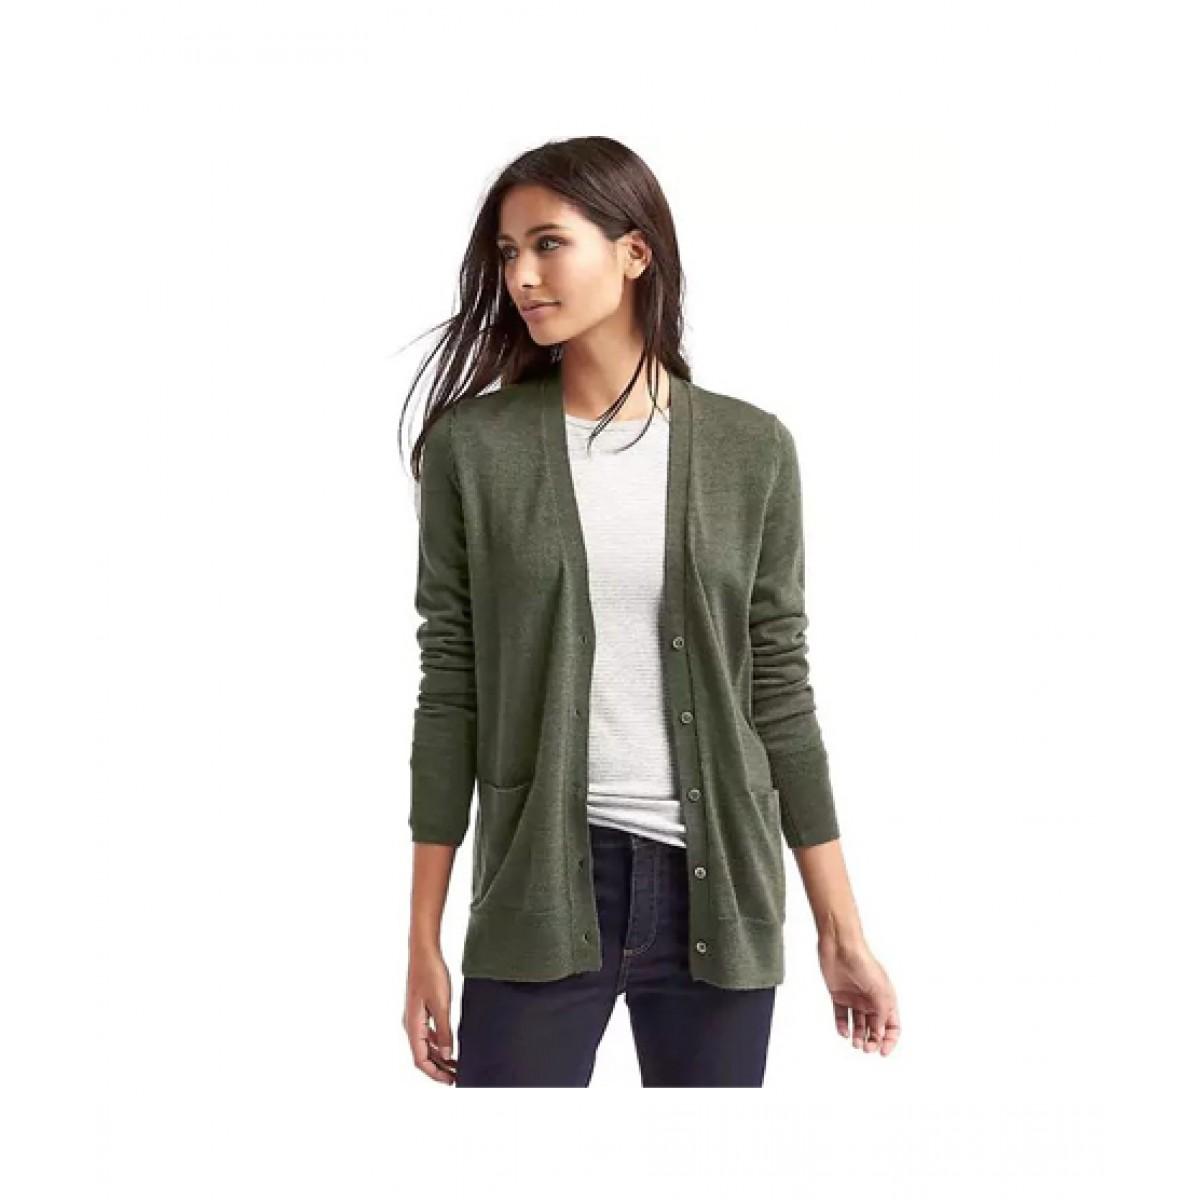 af05deb4507ef6 Gap Wool Cardigan Women's Sweater Price in Pakistan   Buy Gap Merino Sweater  Olive   iShopping.pk